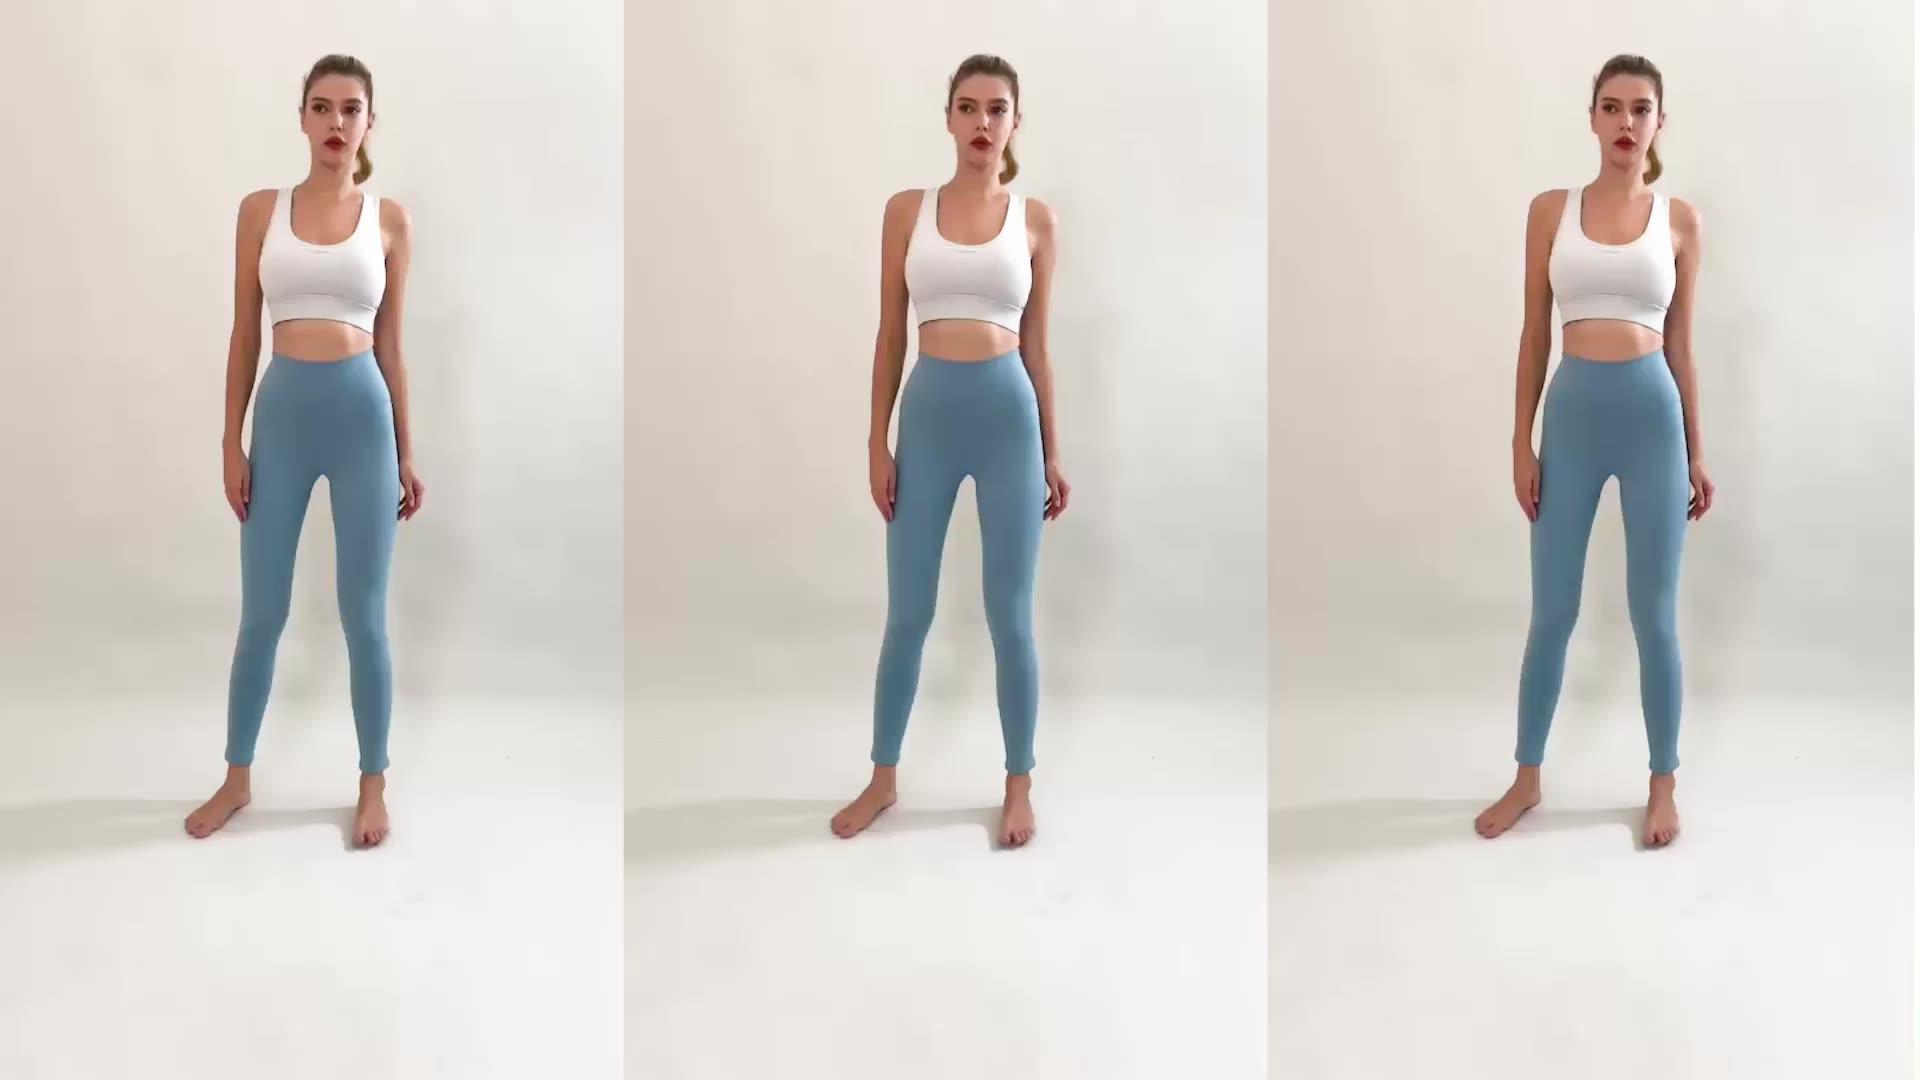 थोक खेल जिम पहनने कस्टम मेष चिंतनशील जिम फिटनेस योग पैंट पॉलिएस्टर और स्पानडेक्स जिम पहनने